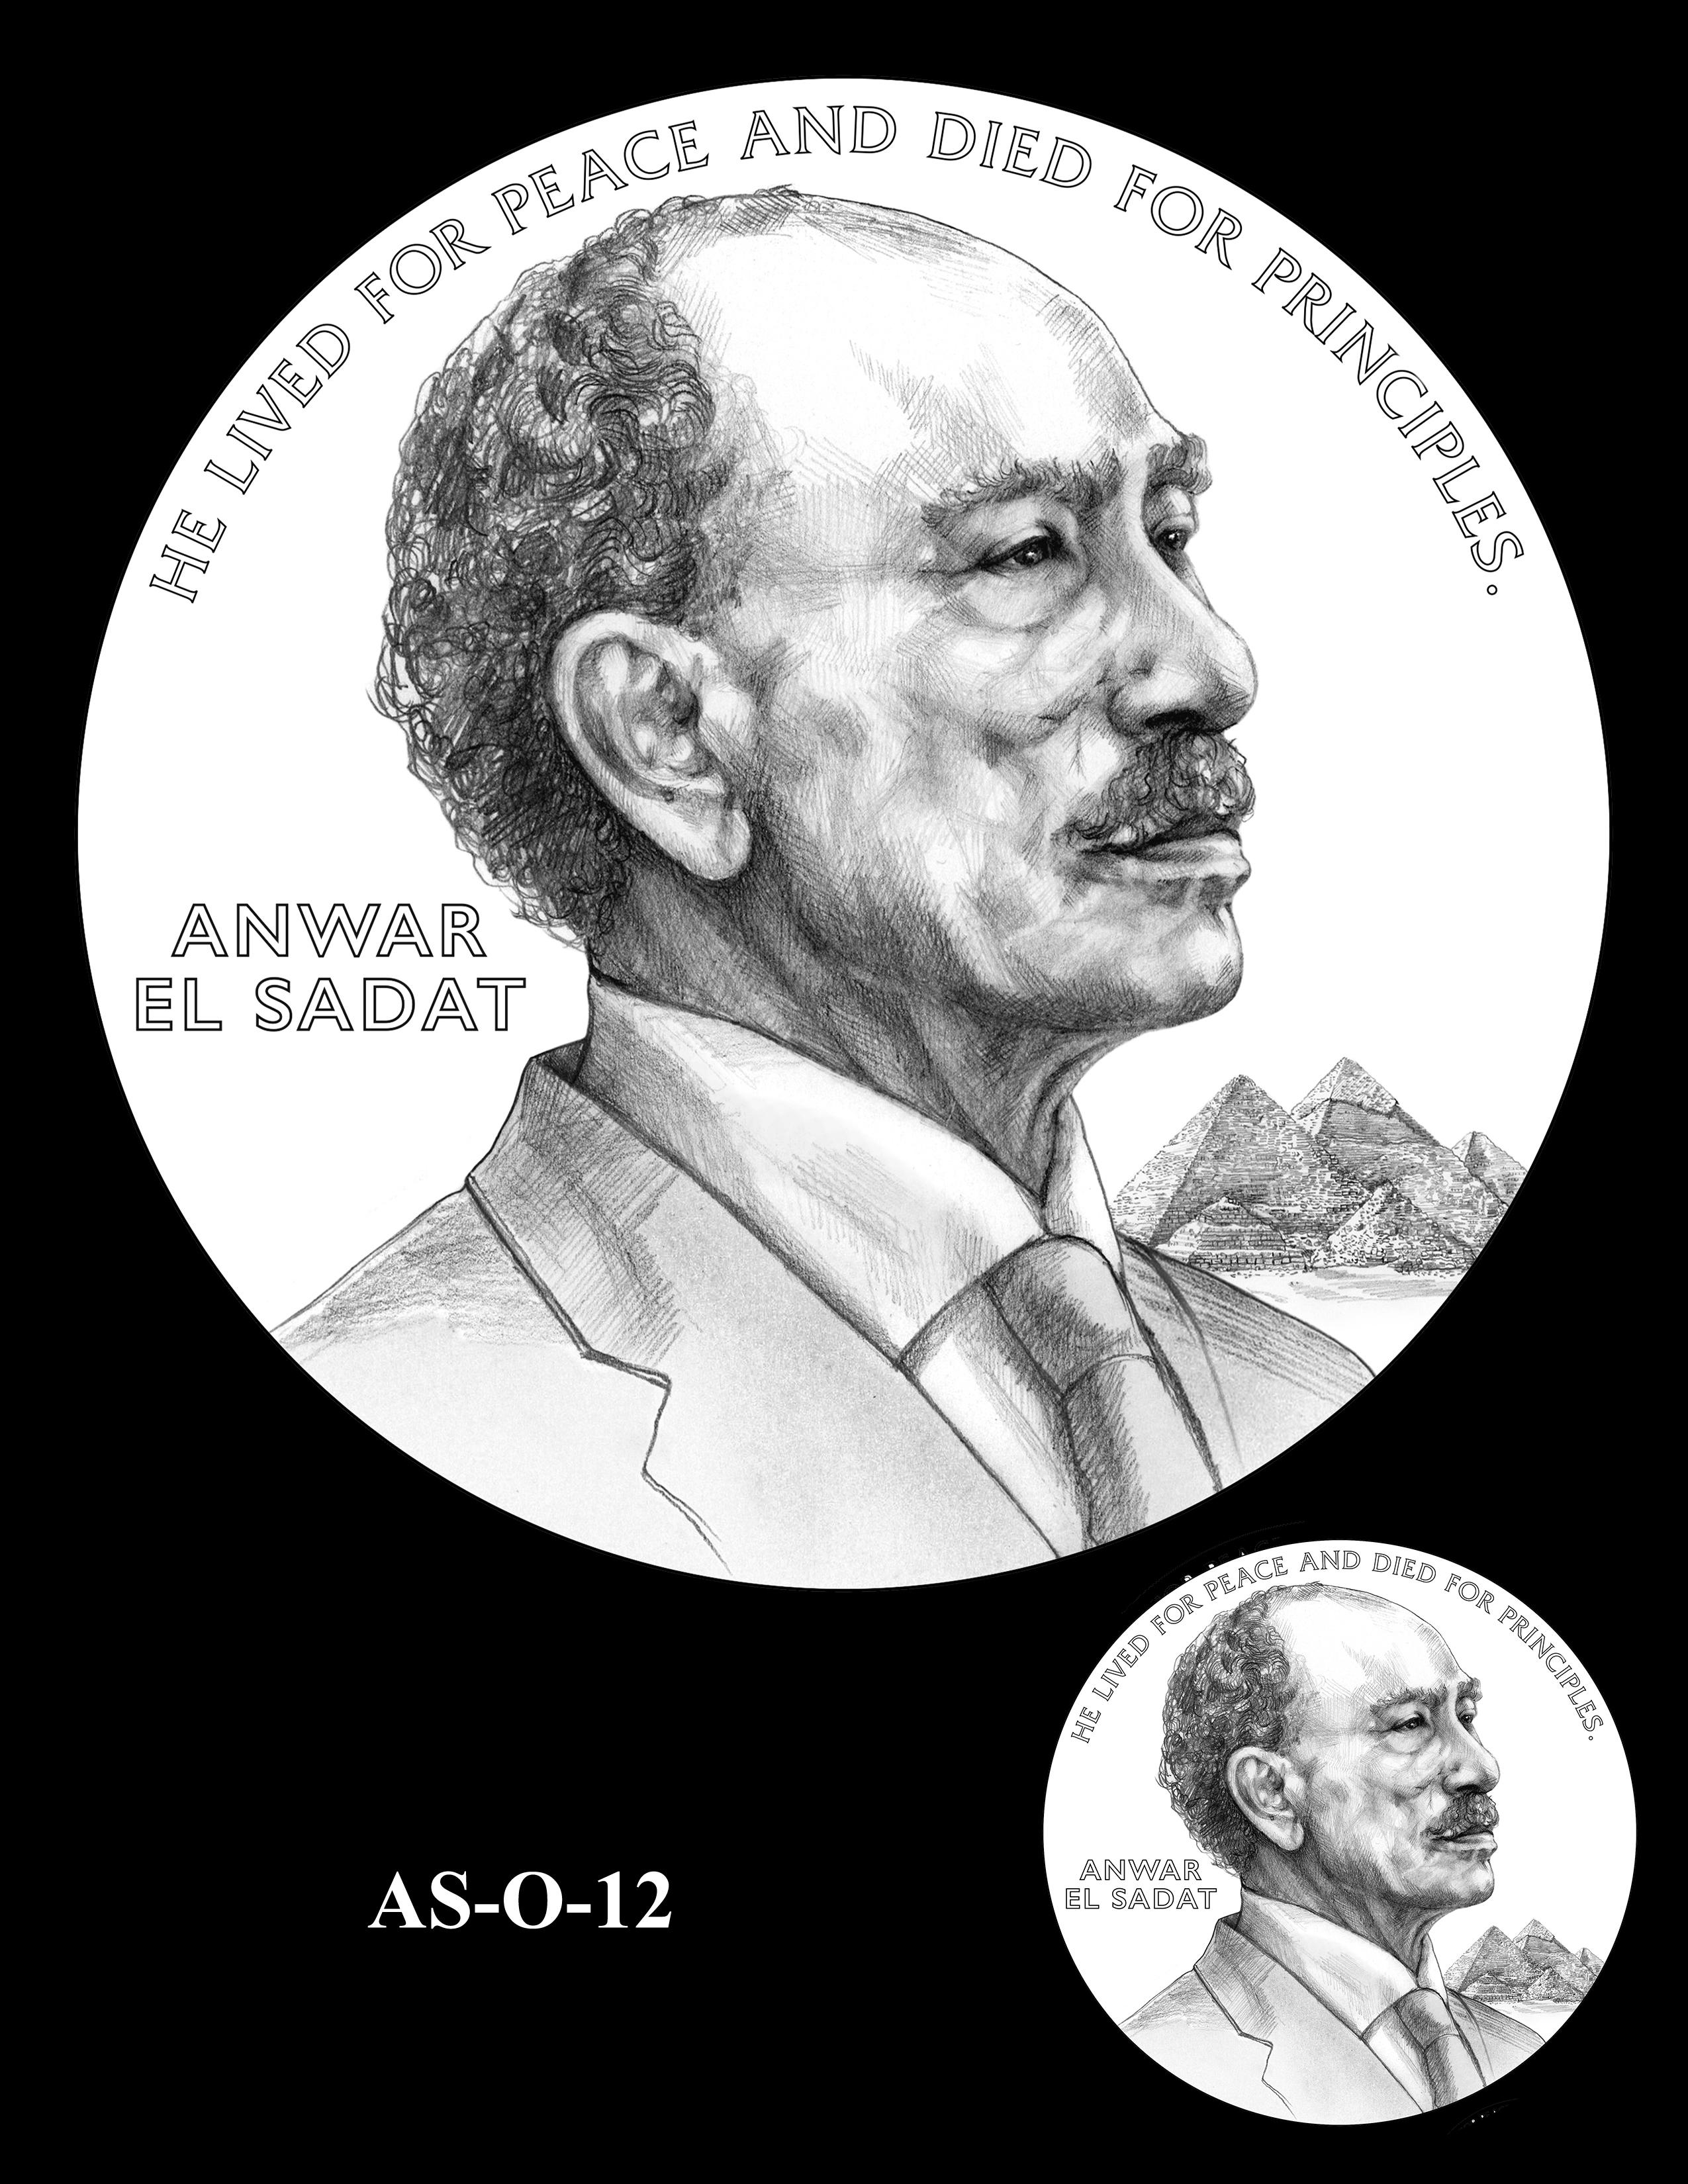 AS-O-12 -- Anwar El Sadat CGM Obverse